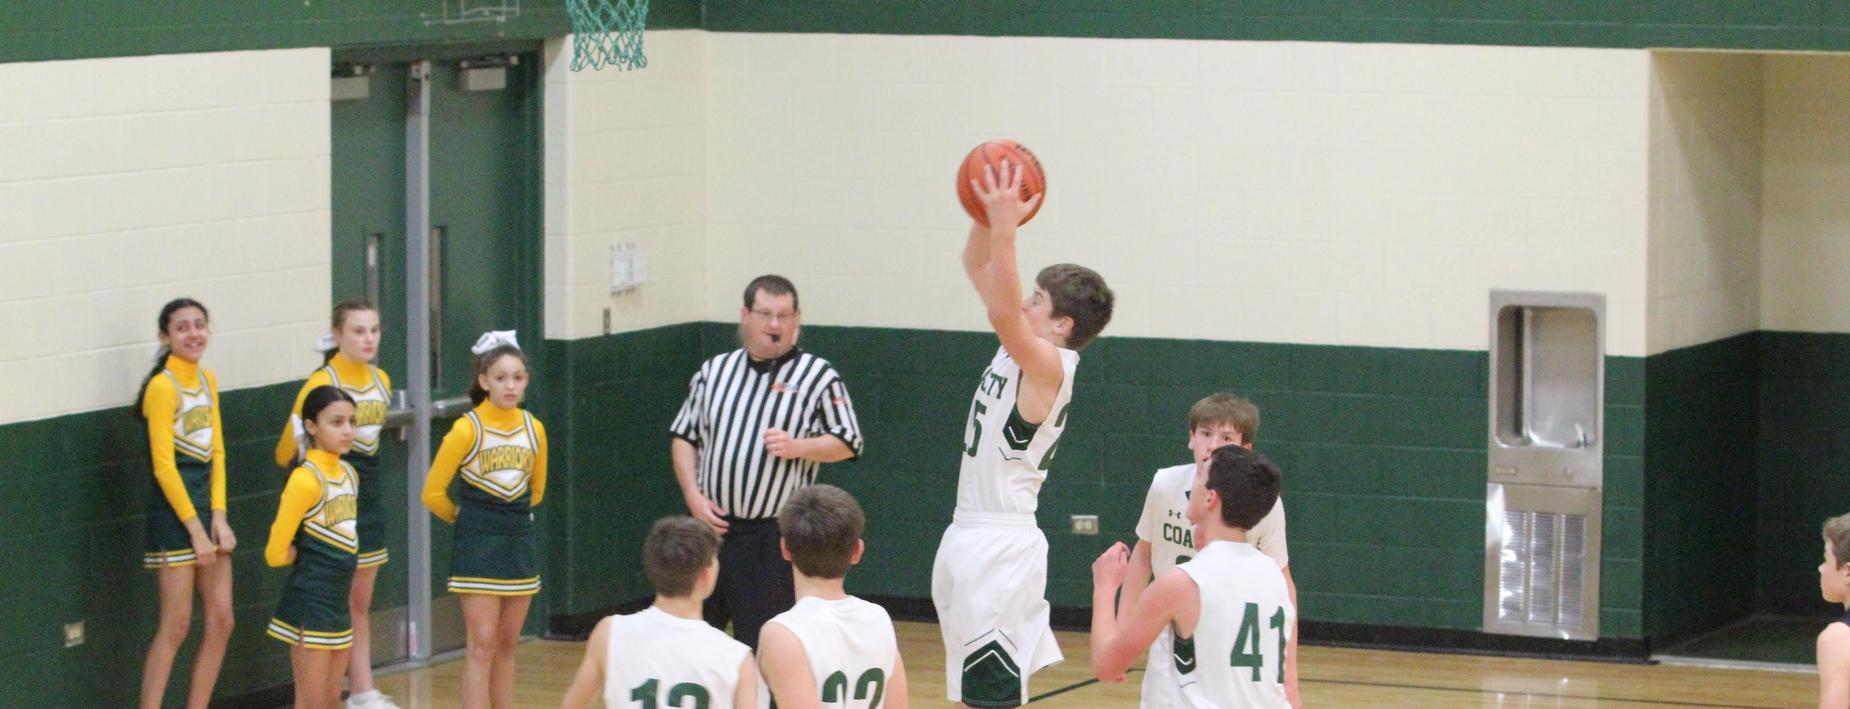 Boys basketball game